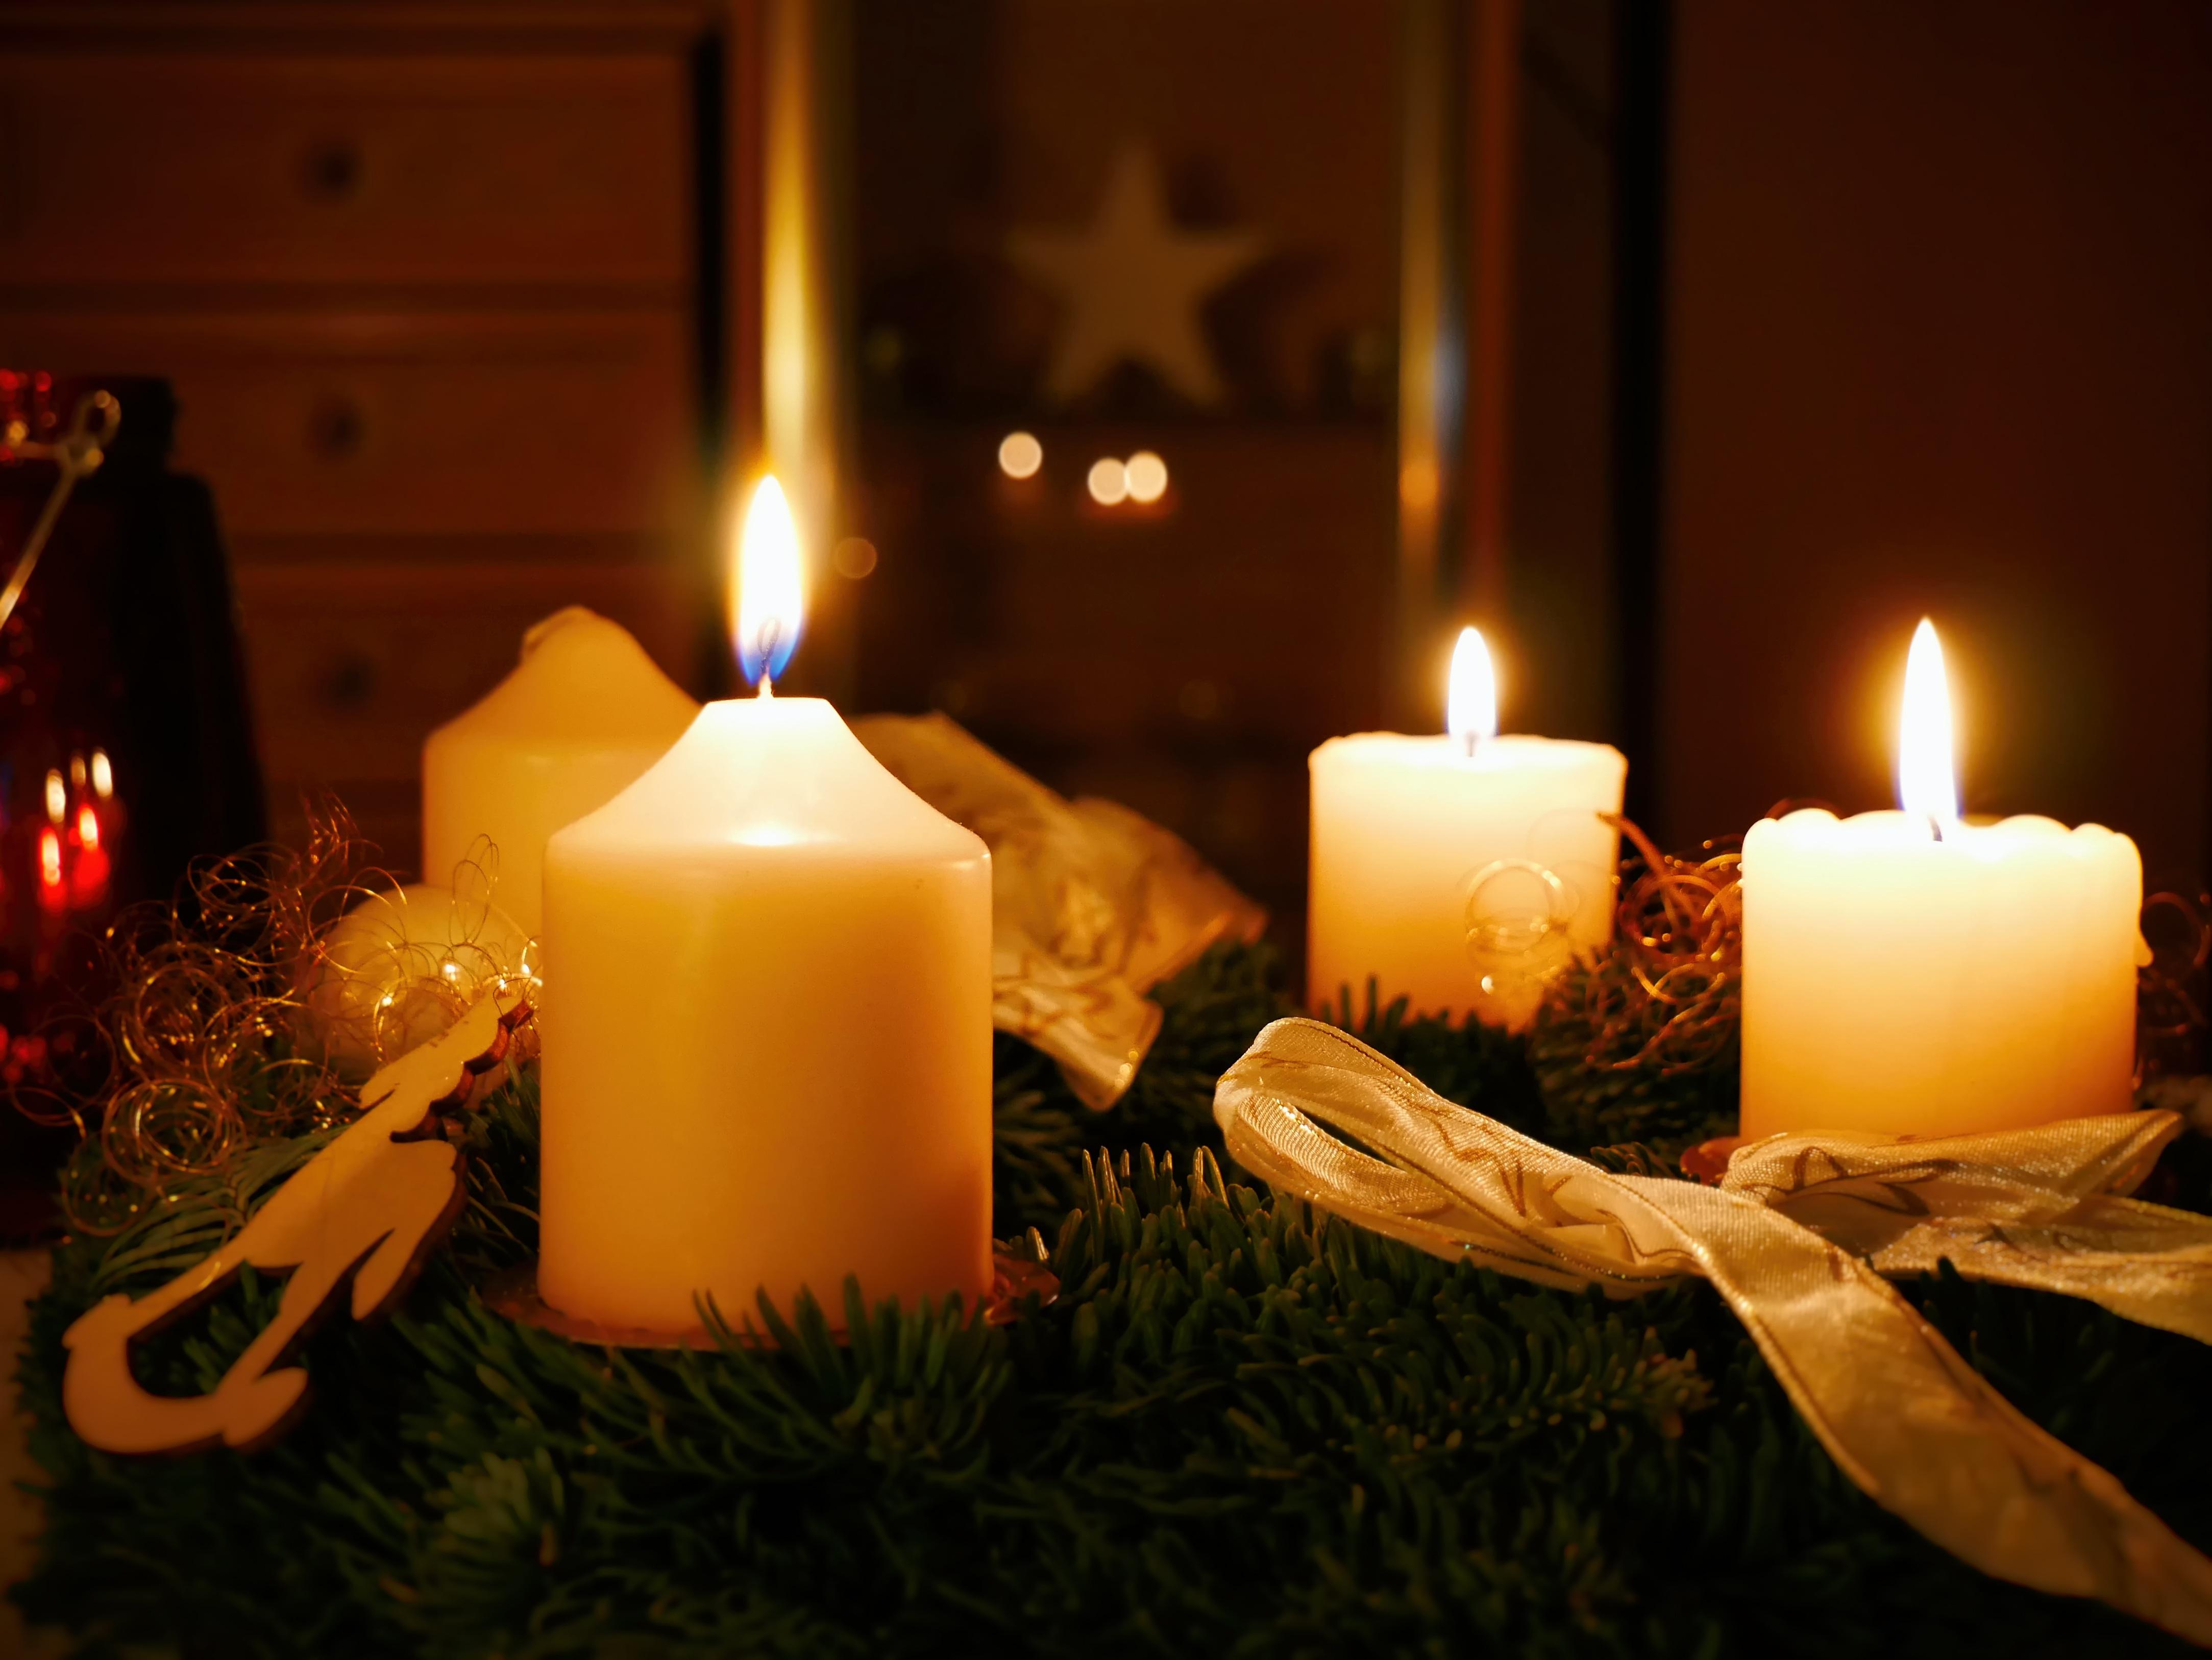 Adventskranz Bilder Kostenlos kostenlose foto urlaub kerze weihnachten beleuchtung dekor